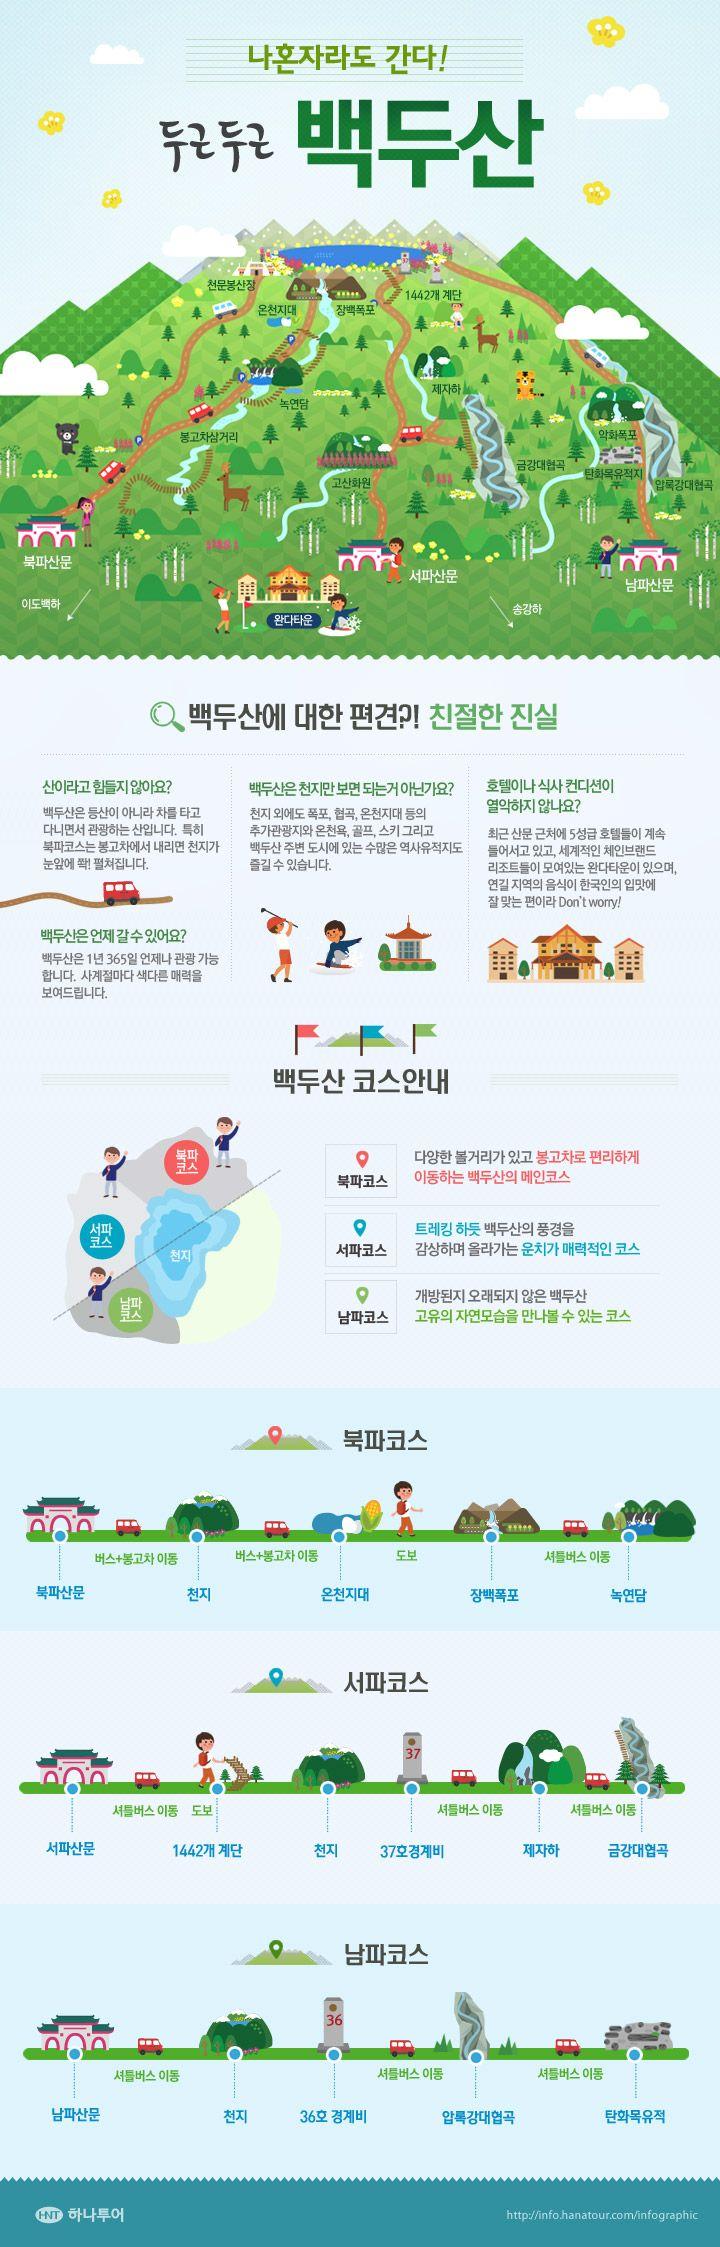 백두산의 친절한 진실에 관한 인포그래픽